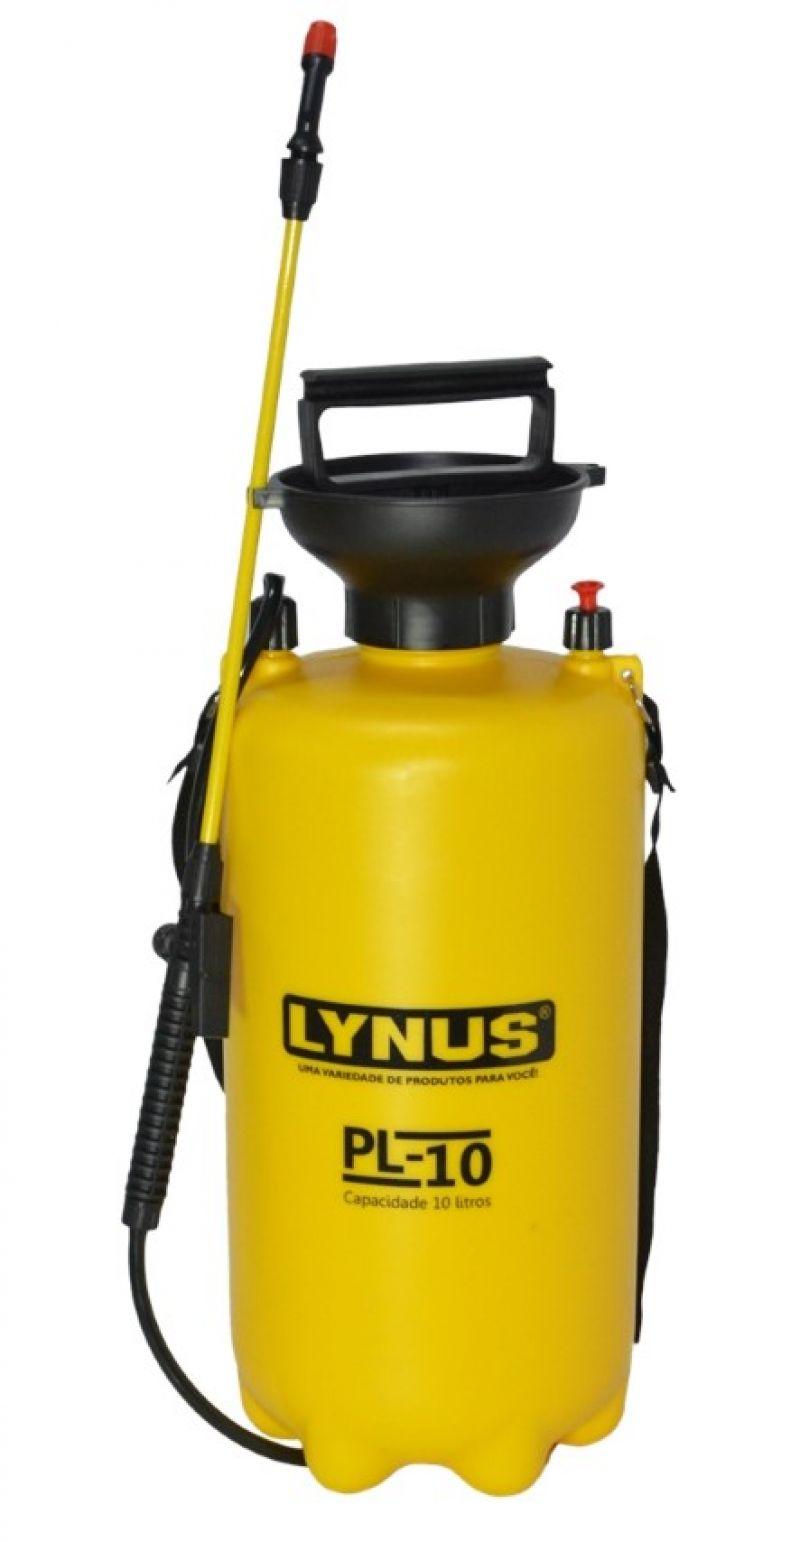 Pulverizador Manual Lynus